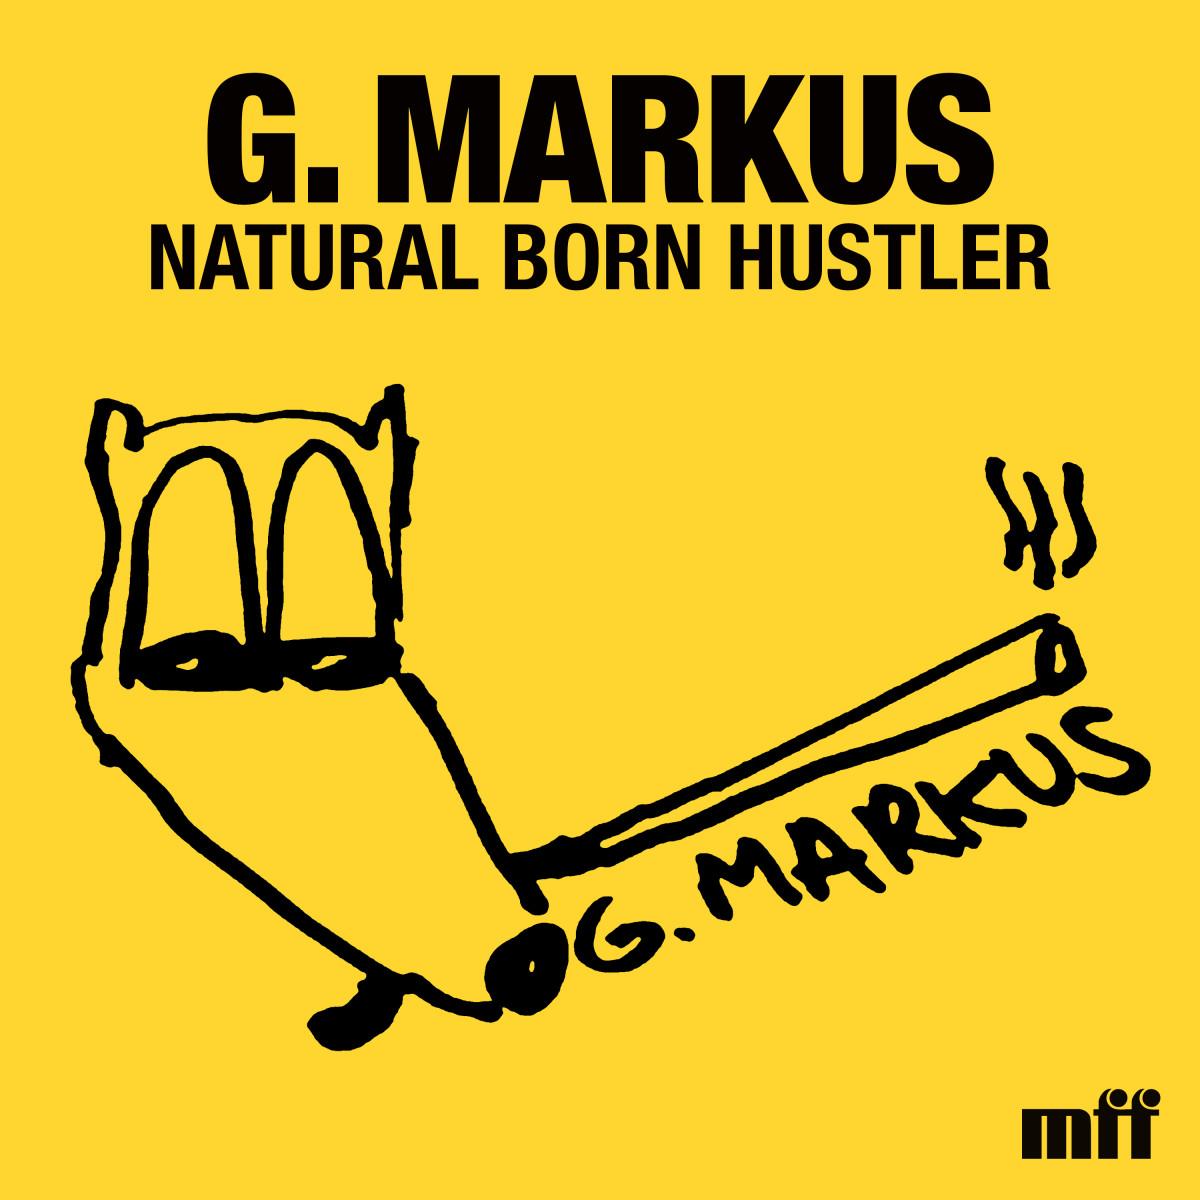 MFF15D020 - G. Markus -  Final Art (1)